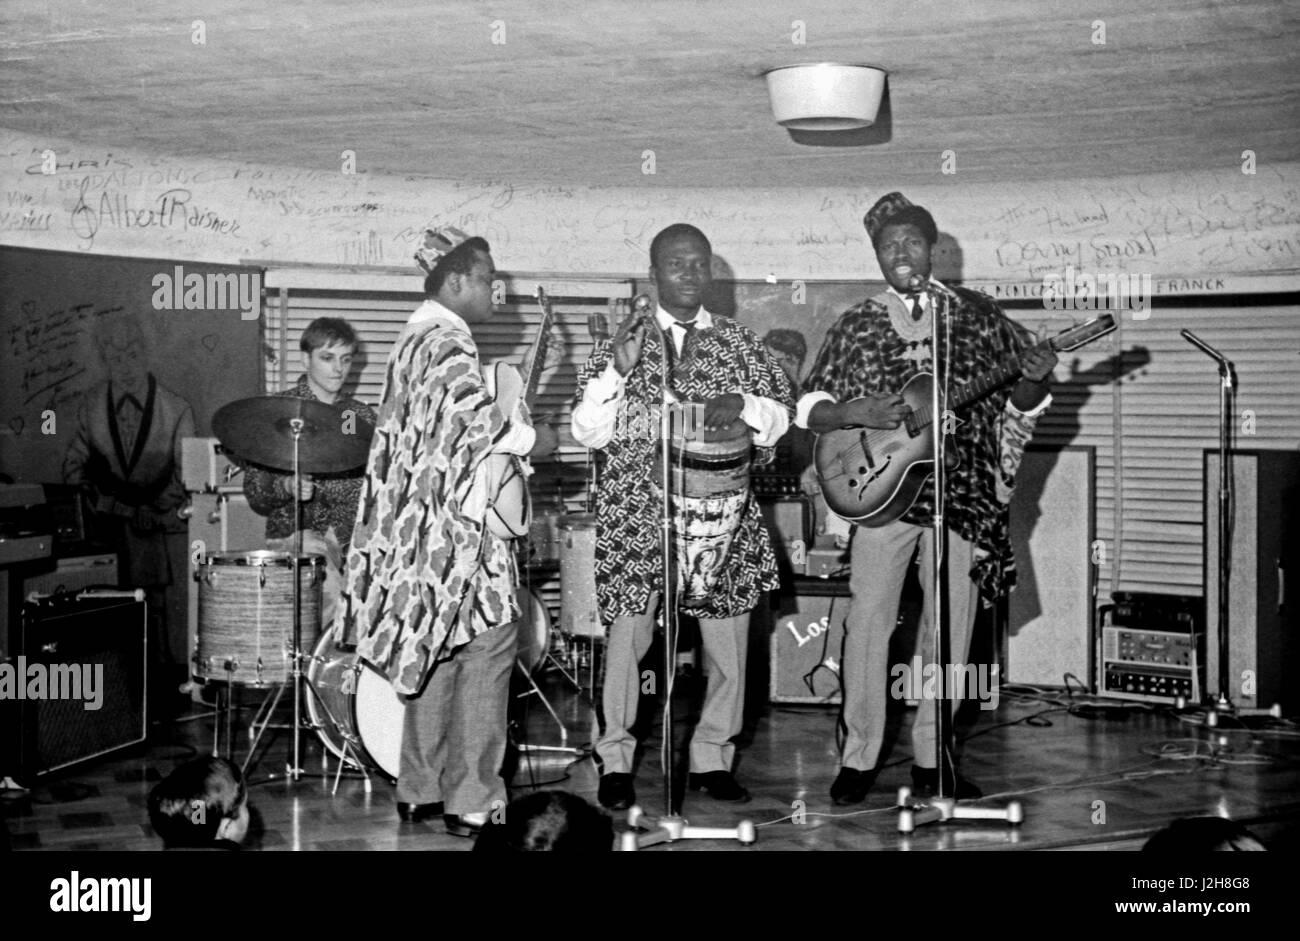 Crudo Band